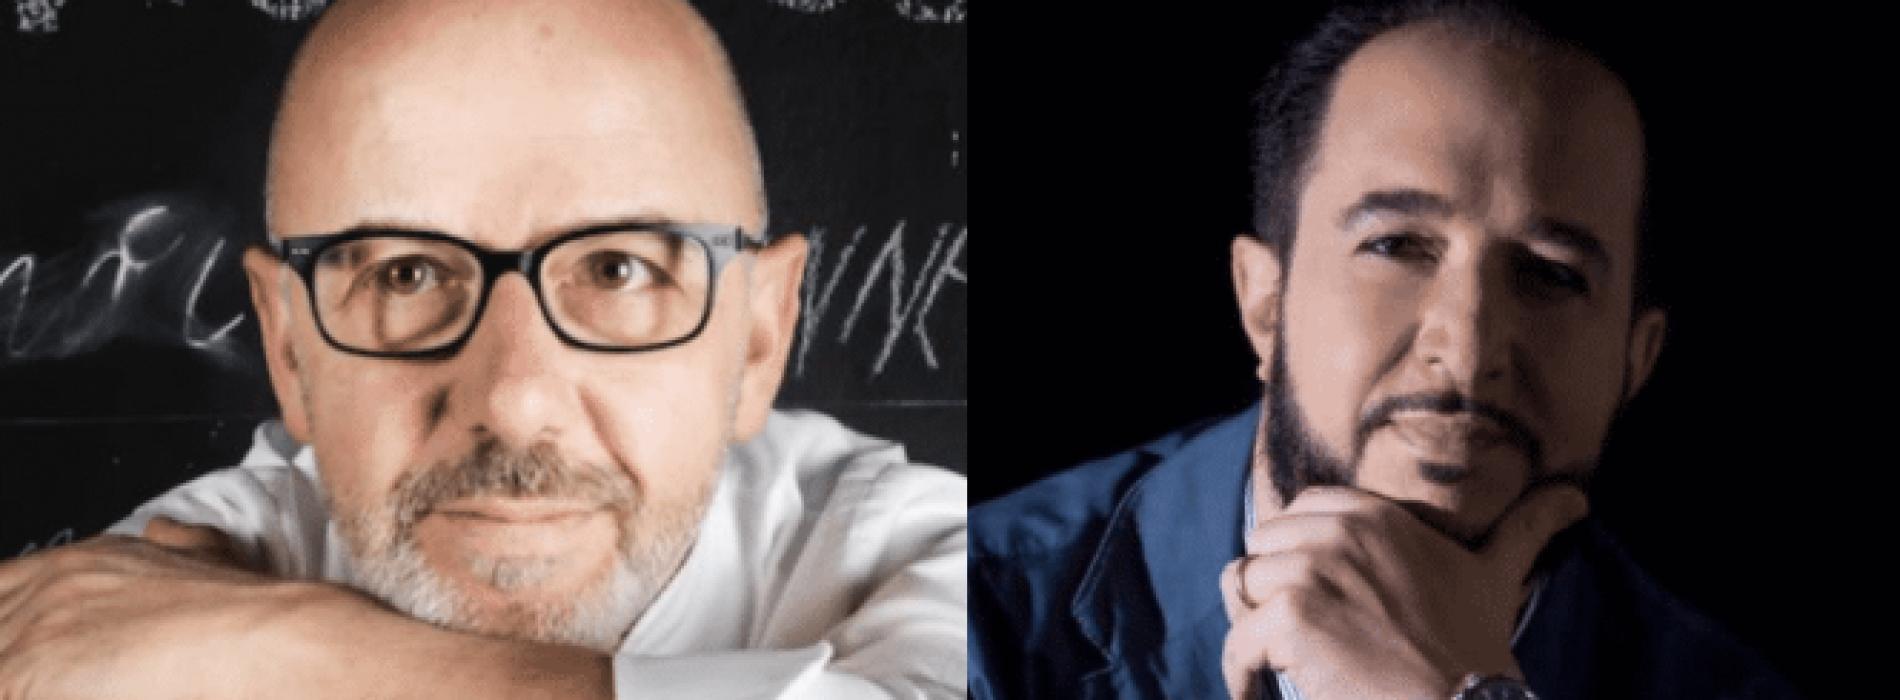 OrtensiaWay, Alvignano premia le eccellenze Pepe e Landolfi